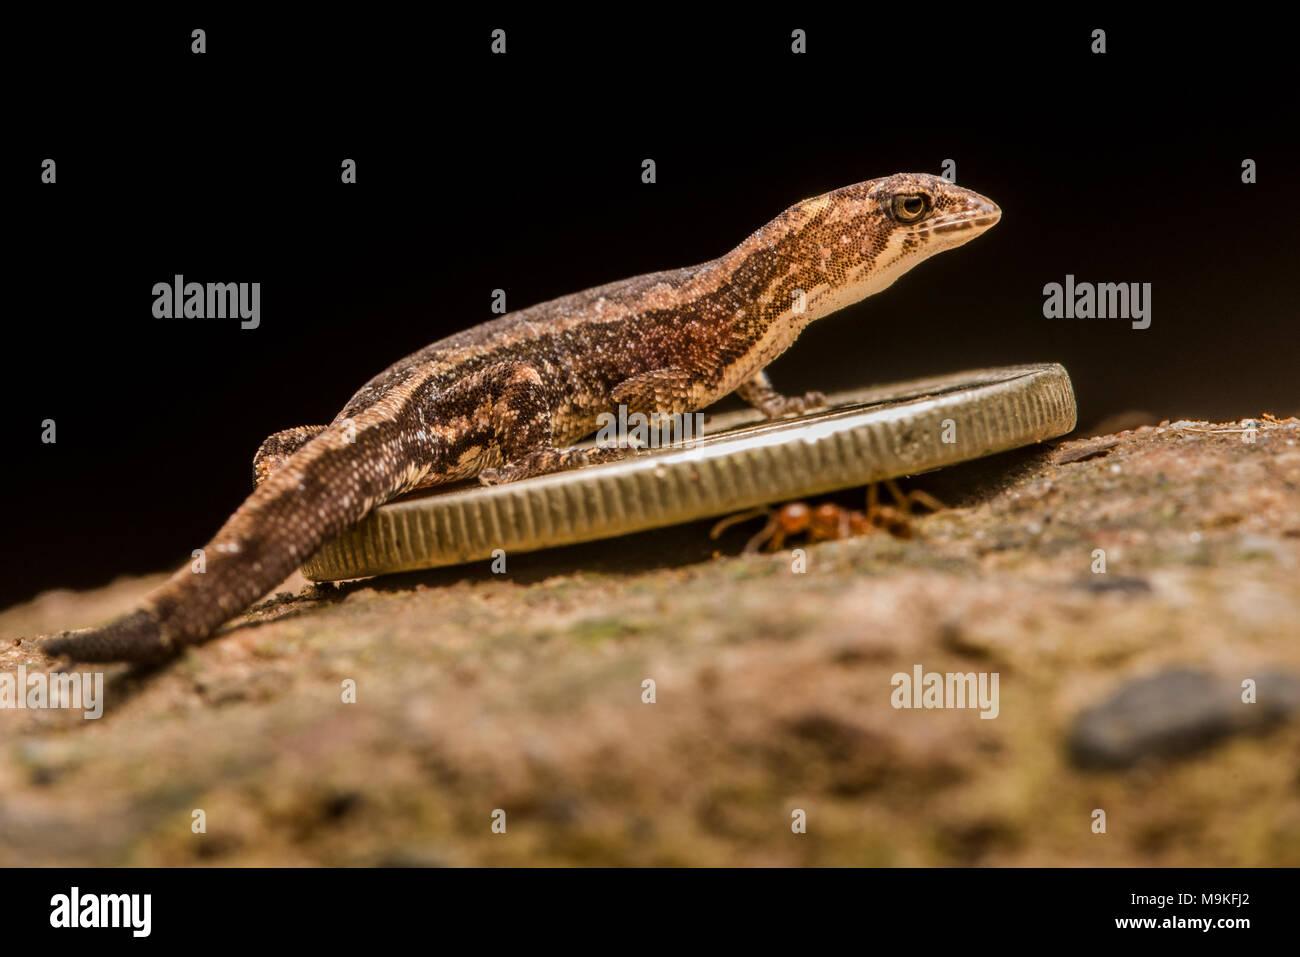 Dieses kleine gecko Arten (Psuedogonatodes sp.) ist unter den kleinsten Reptilienarten und wird durch eine kleine Münze in den Schatten gestellt. Stockfoto